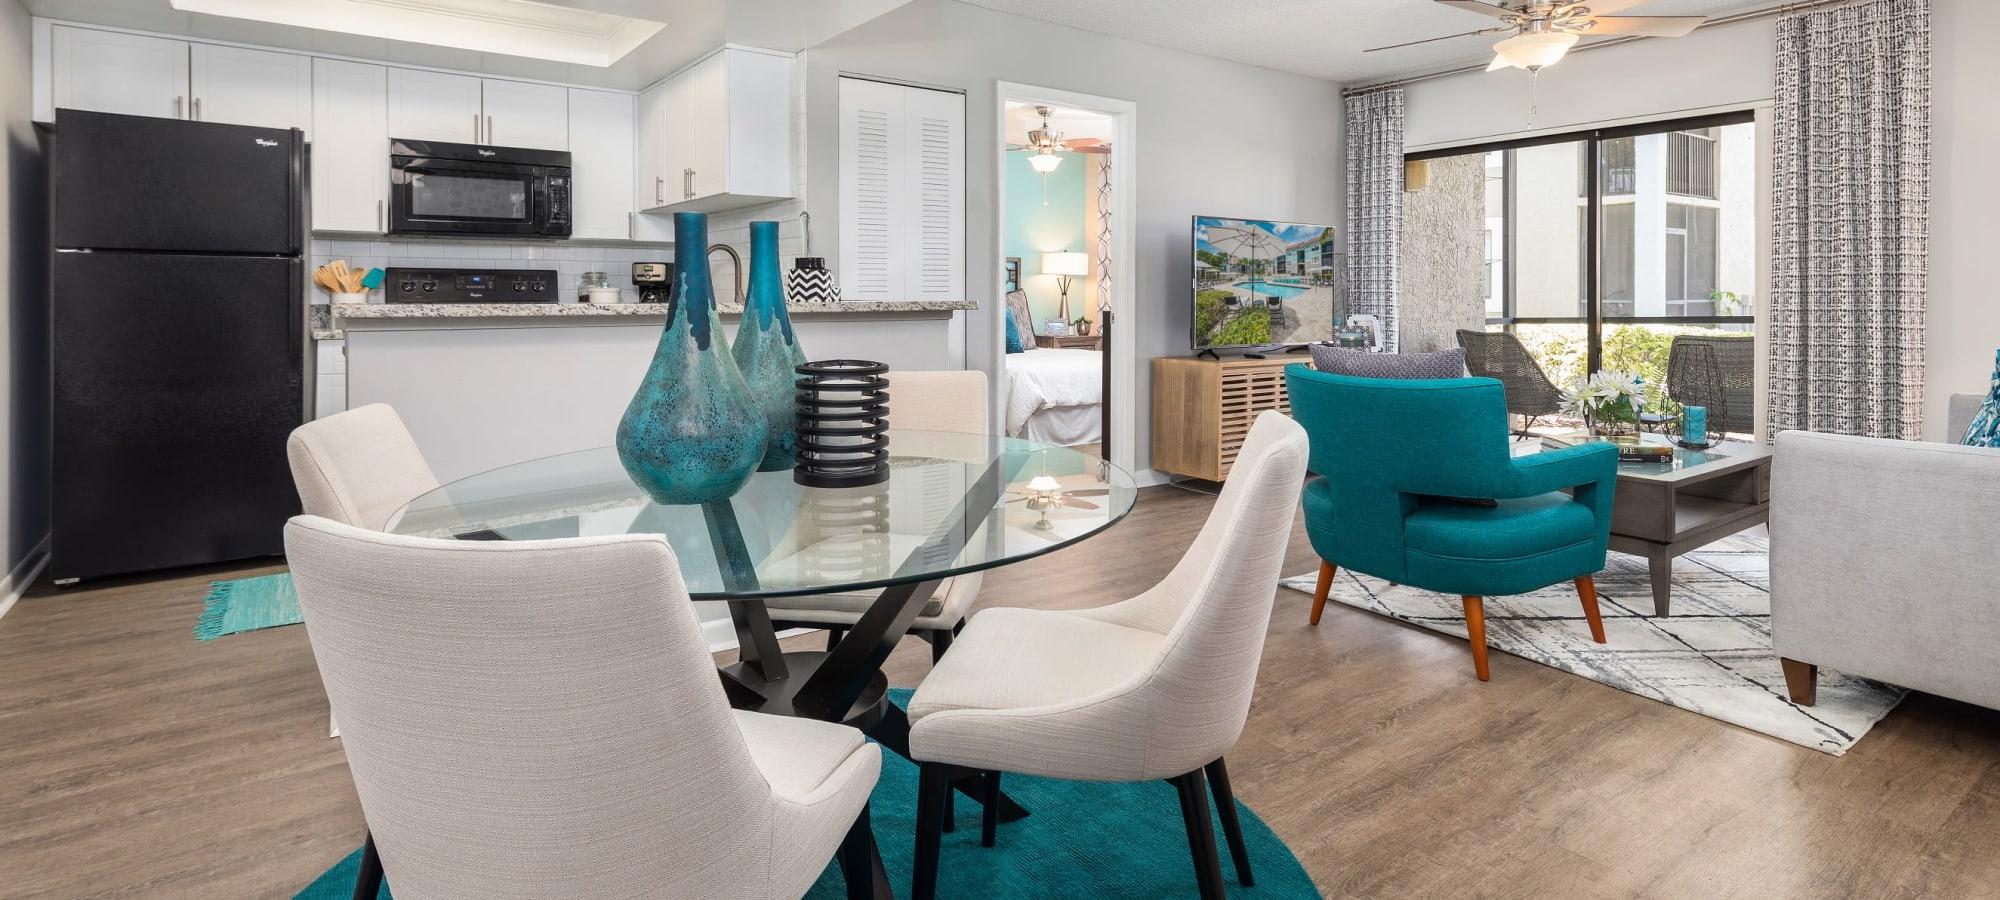 Apartments at The EnV in Hollywood, Florida